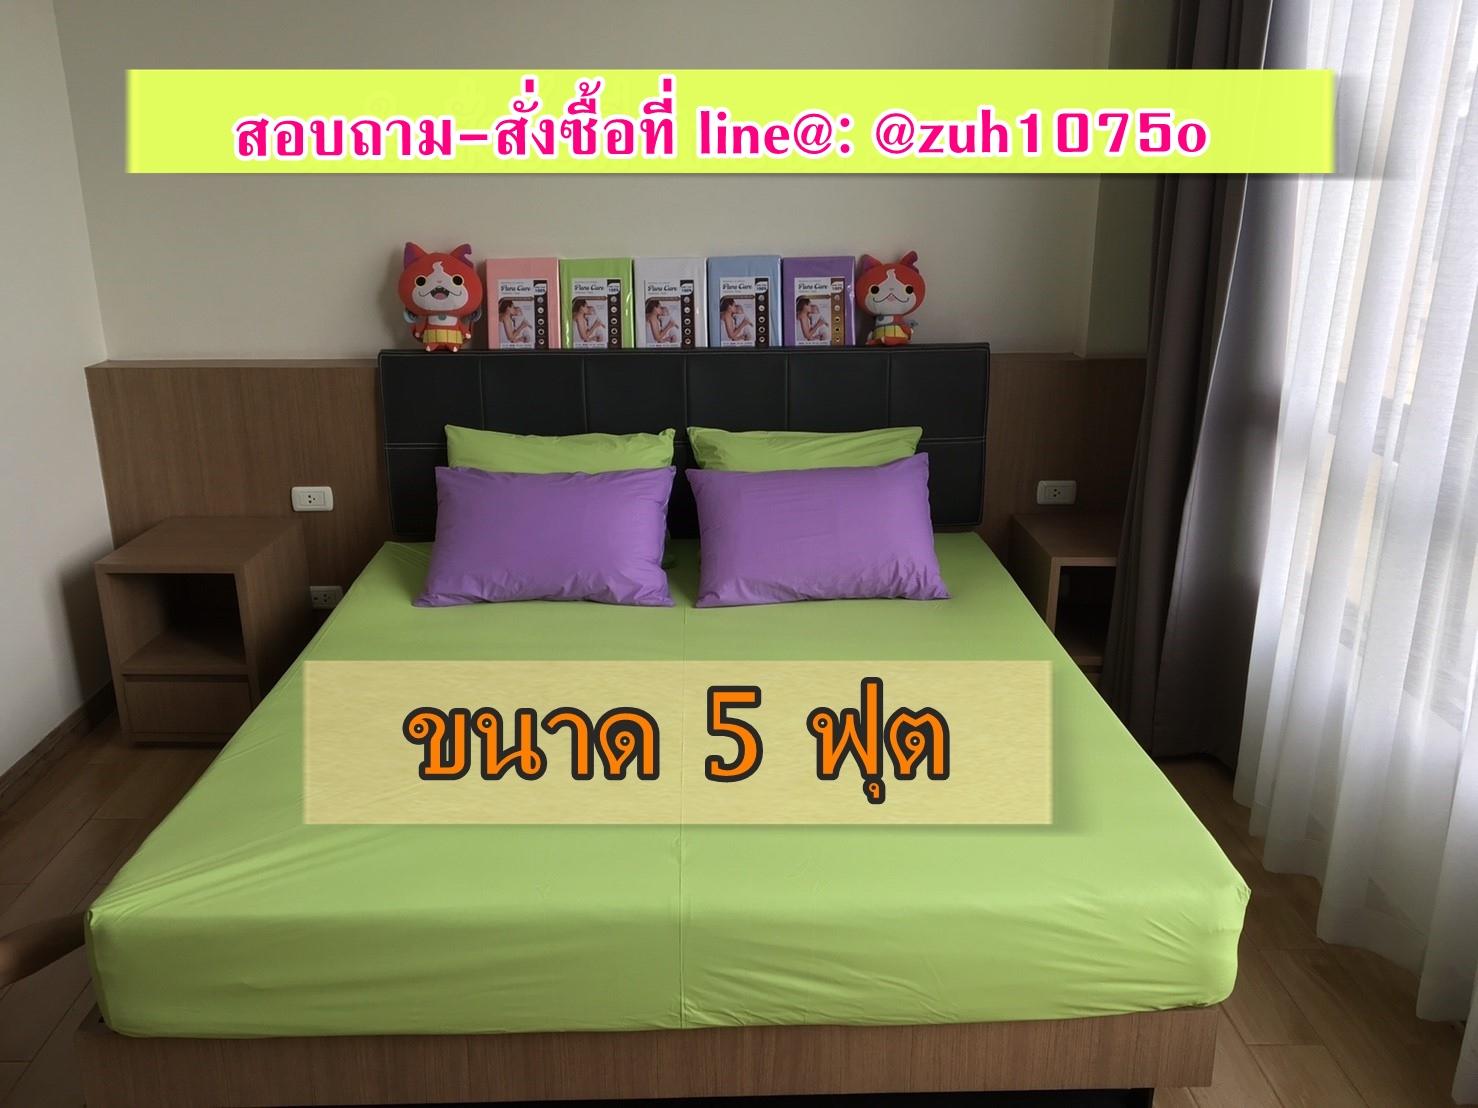 สีเขียว 5ฟุต ผ้าคลุมเตียง ผ้าปูเตียง ผ้าปูที่นอนกันน้ำ กันฉี่ กันไรฝุ่น กันเปื้อน 390บาท